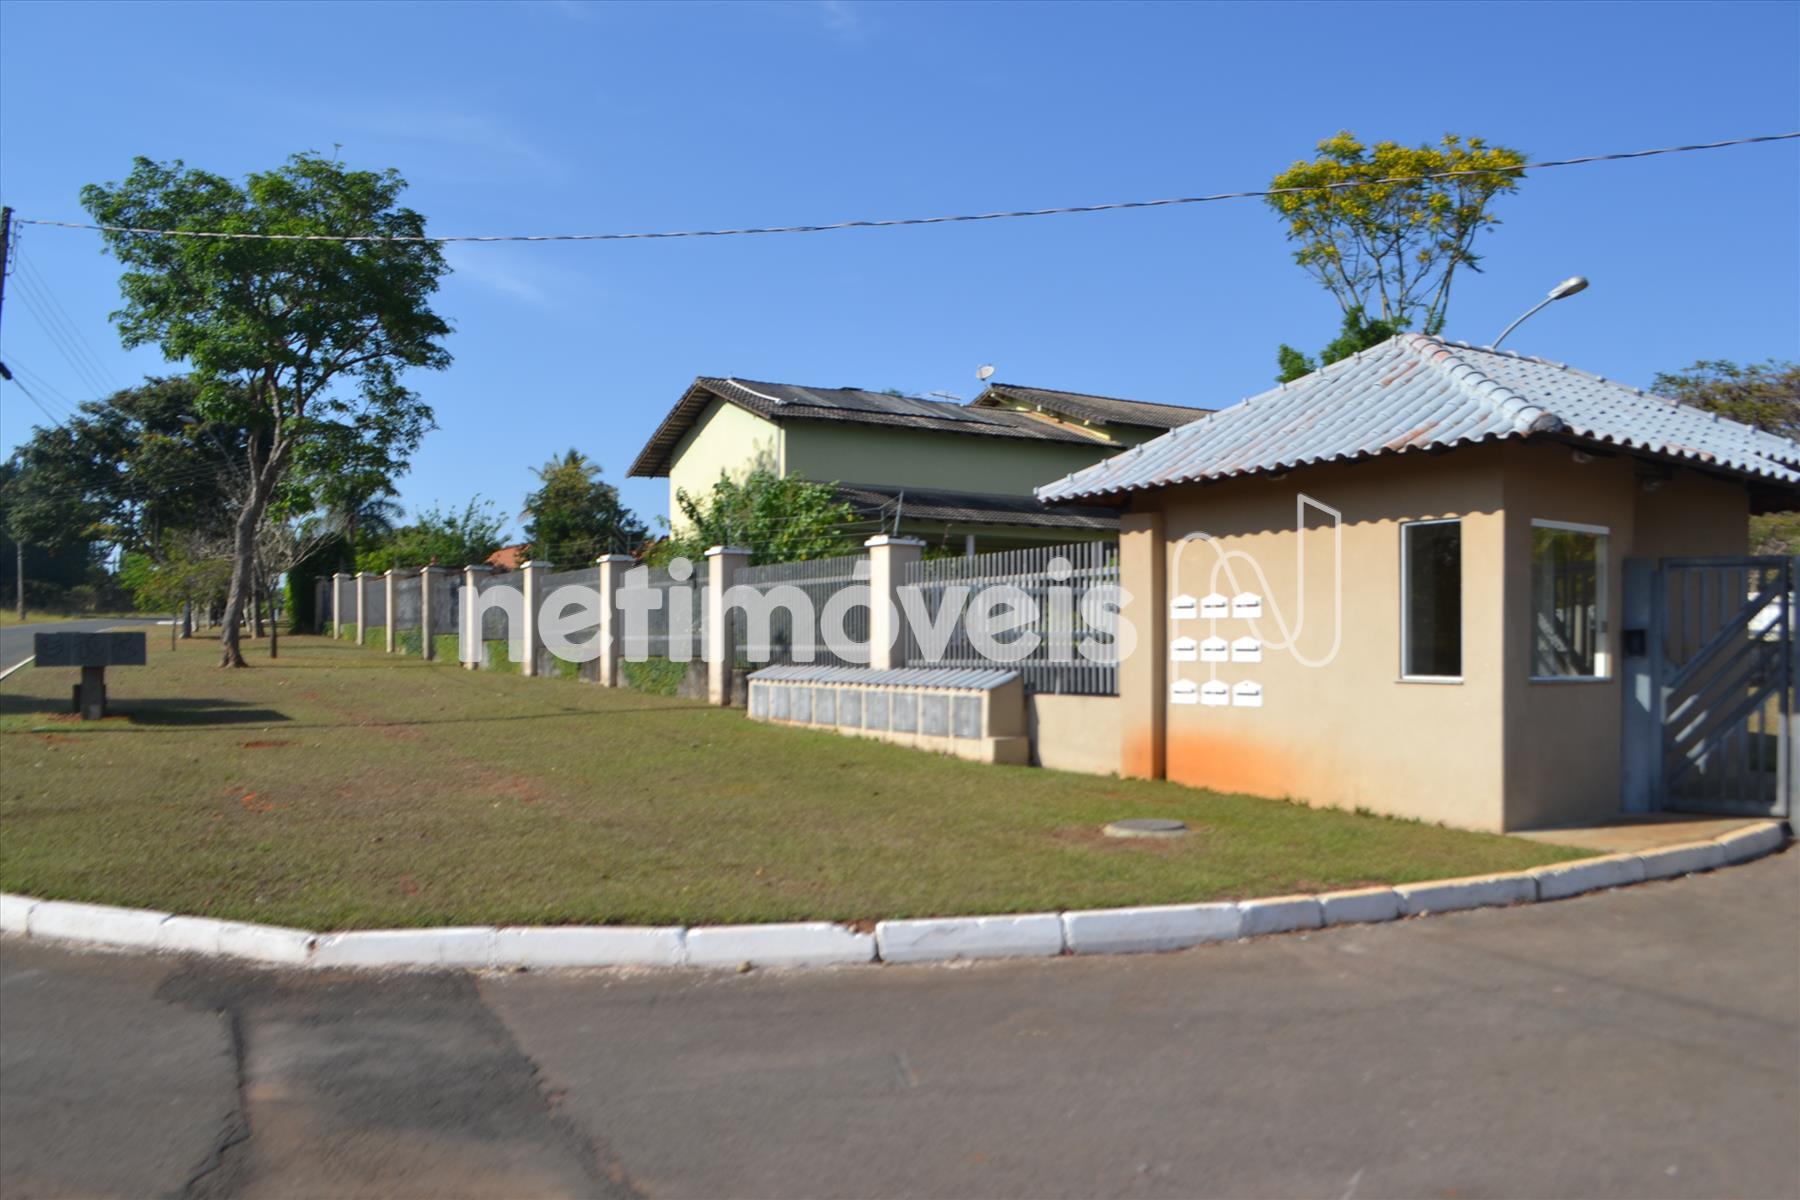 lote-área-terreno,distrito federal,park way,brasília,lote em condomínio,